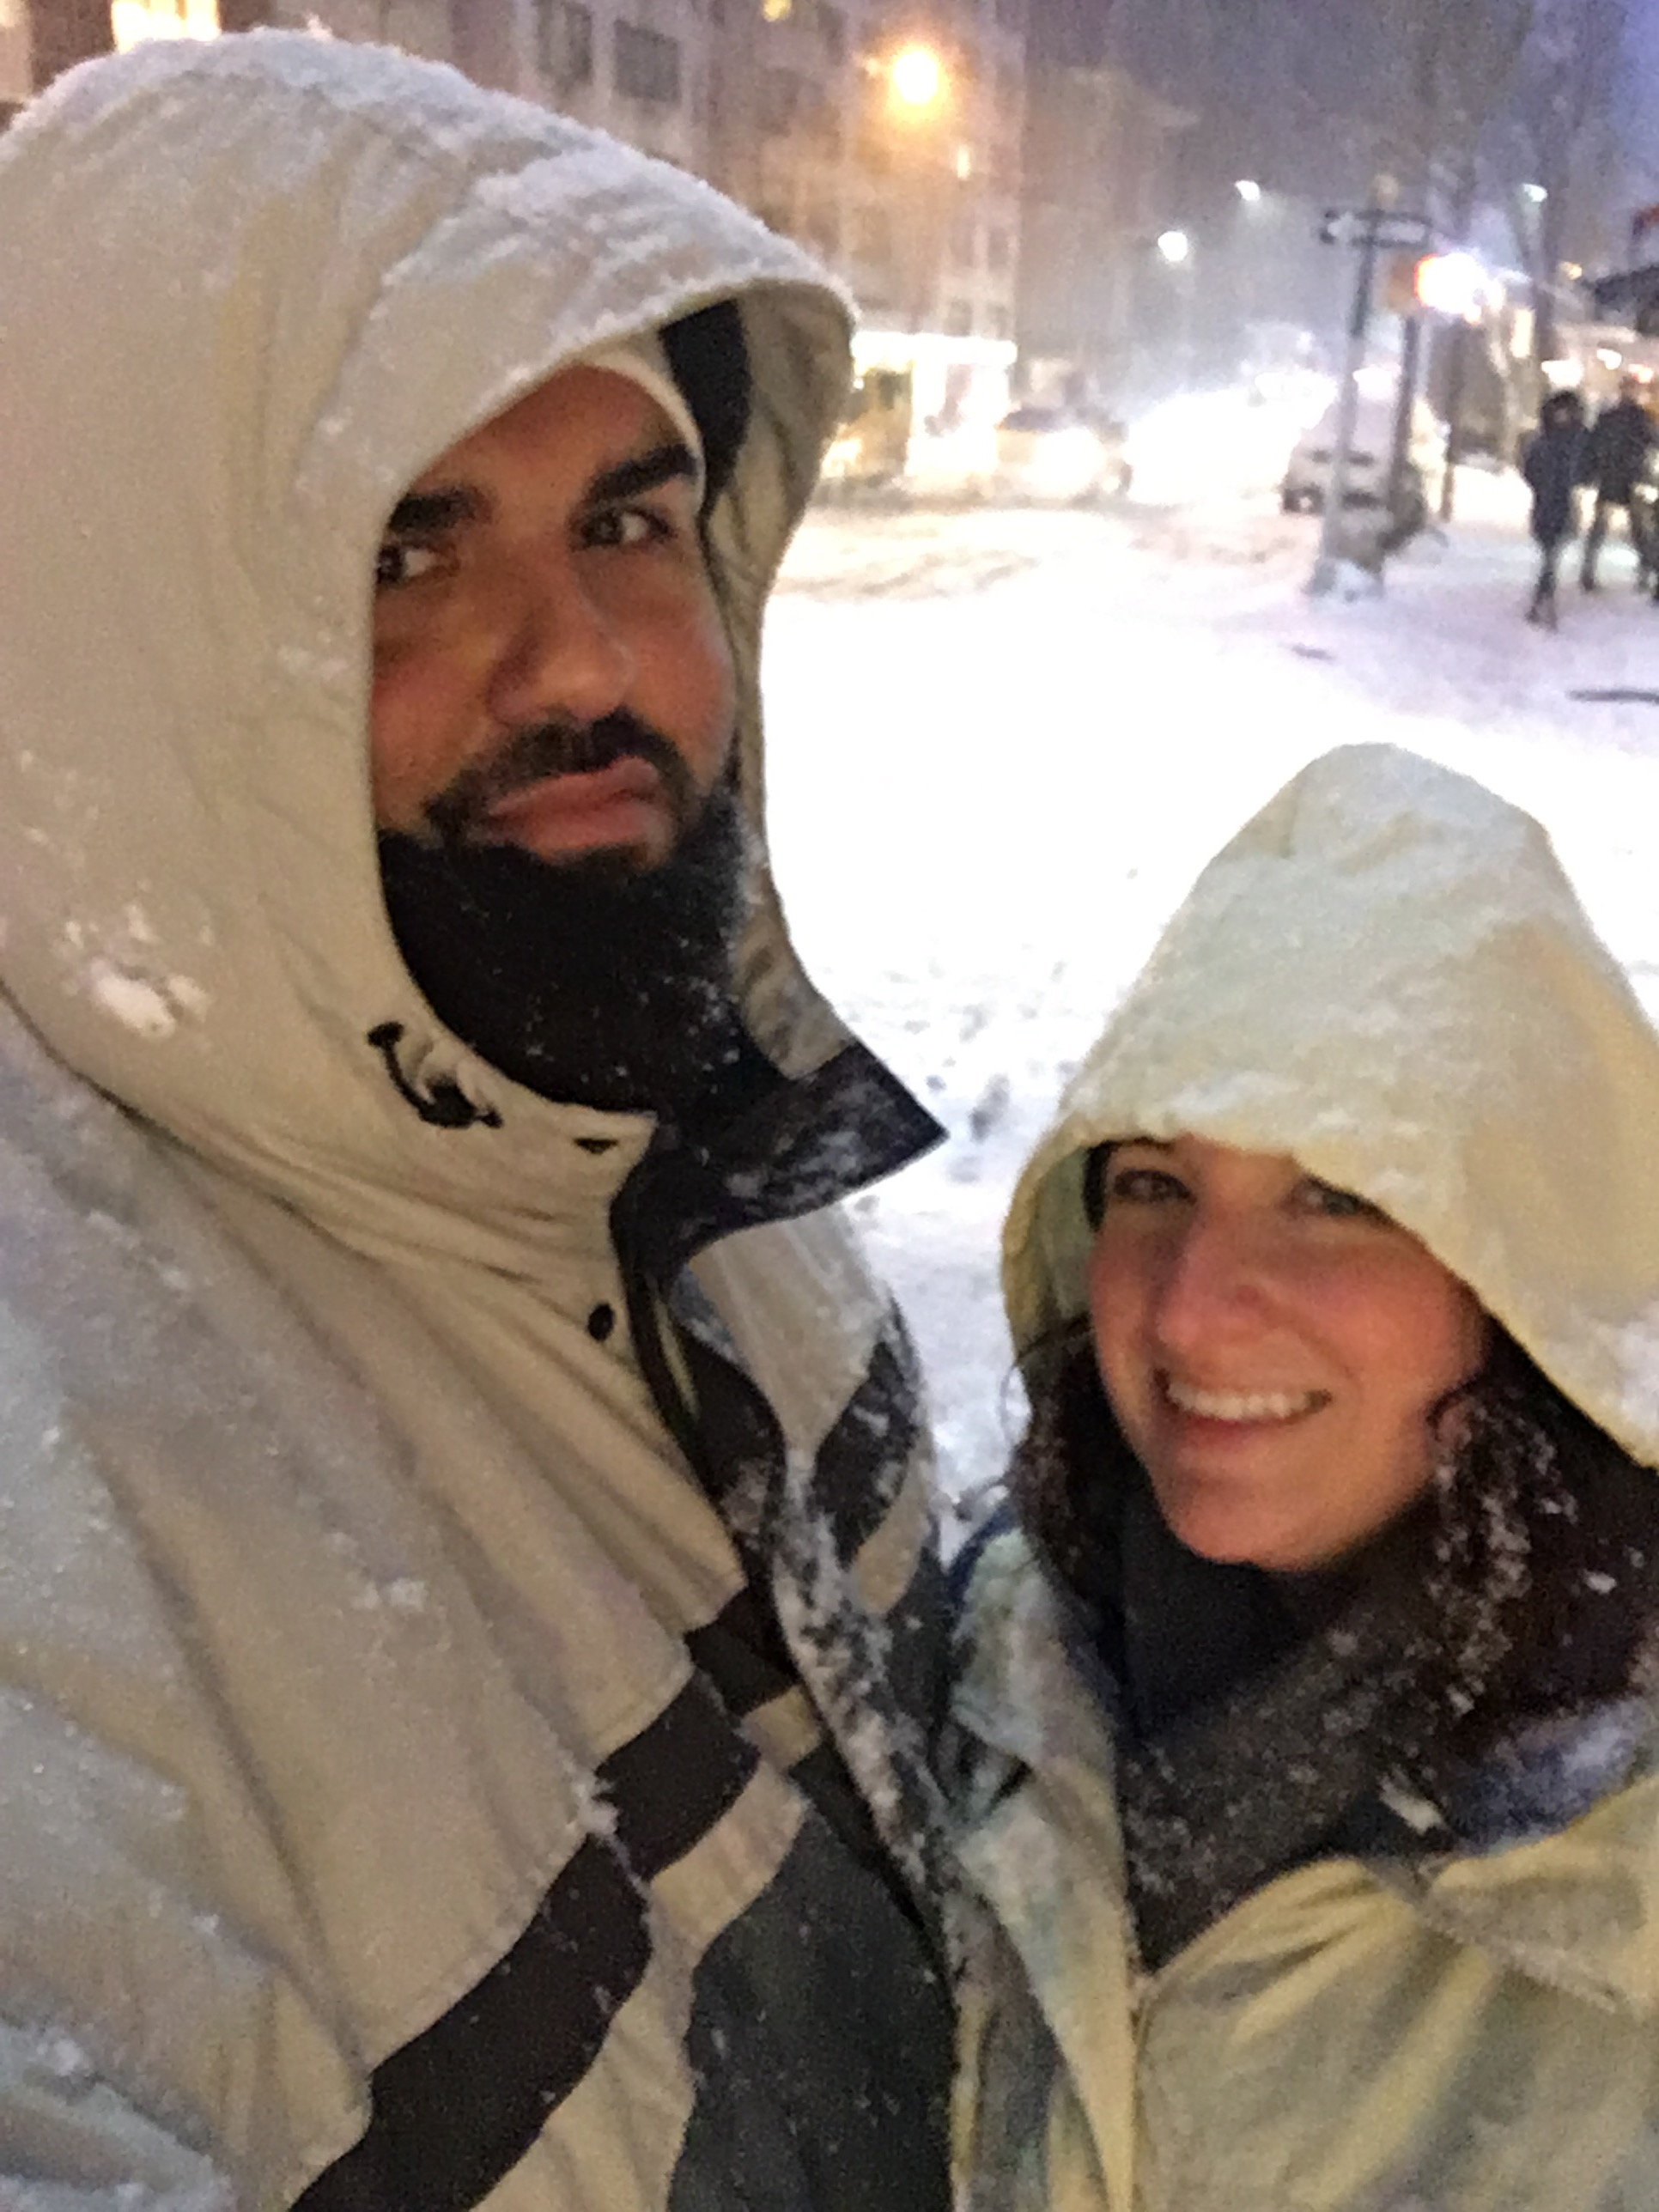 Full on Snow Selfie!